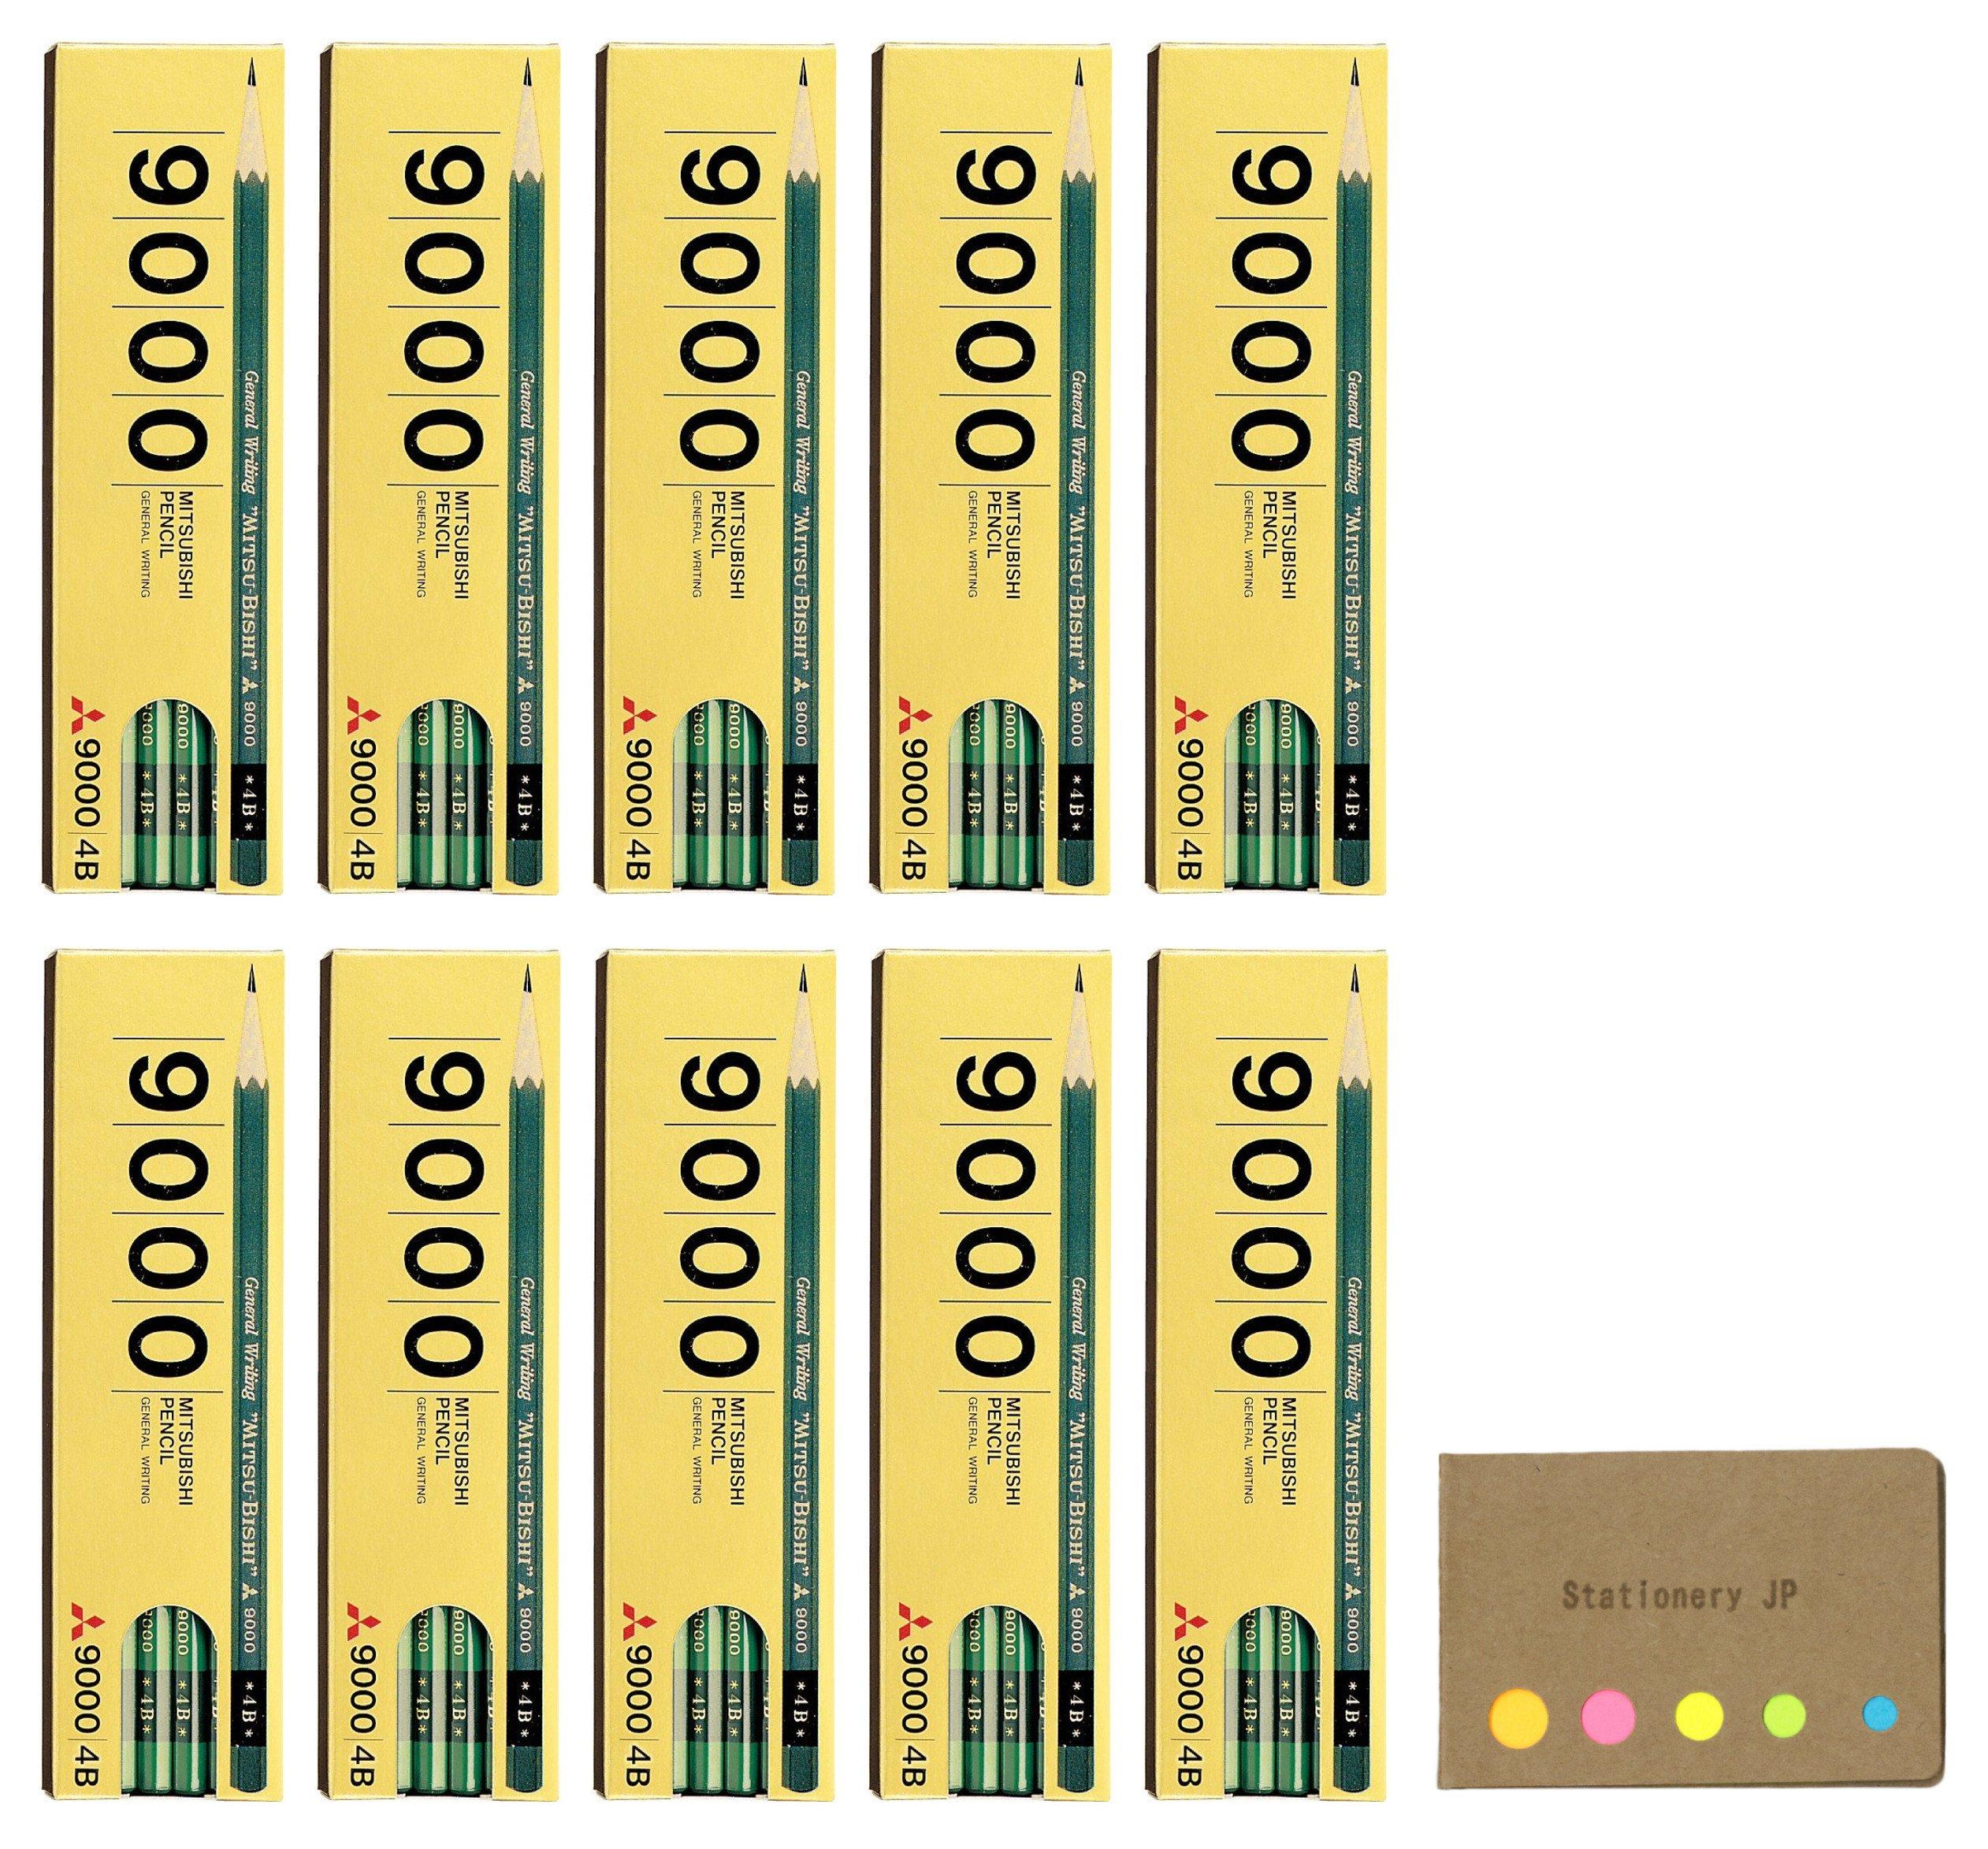 Uni Mitsubishi 9000 Pencil, 4B, 10-pack/total 120 pcs, Sticky Notes Value Set